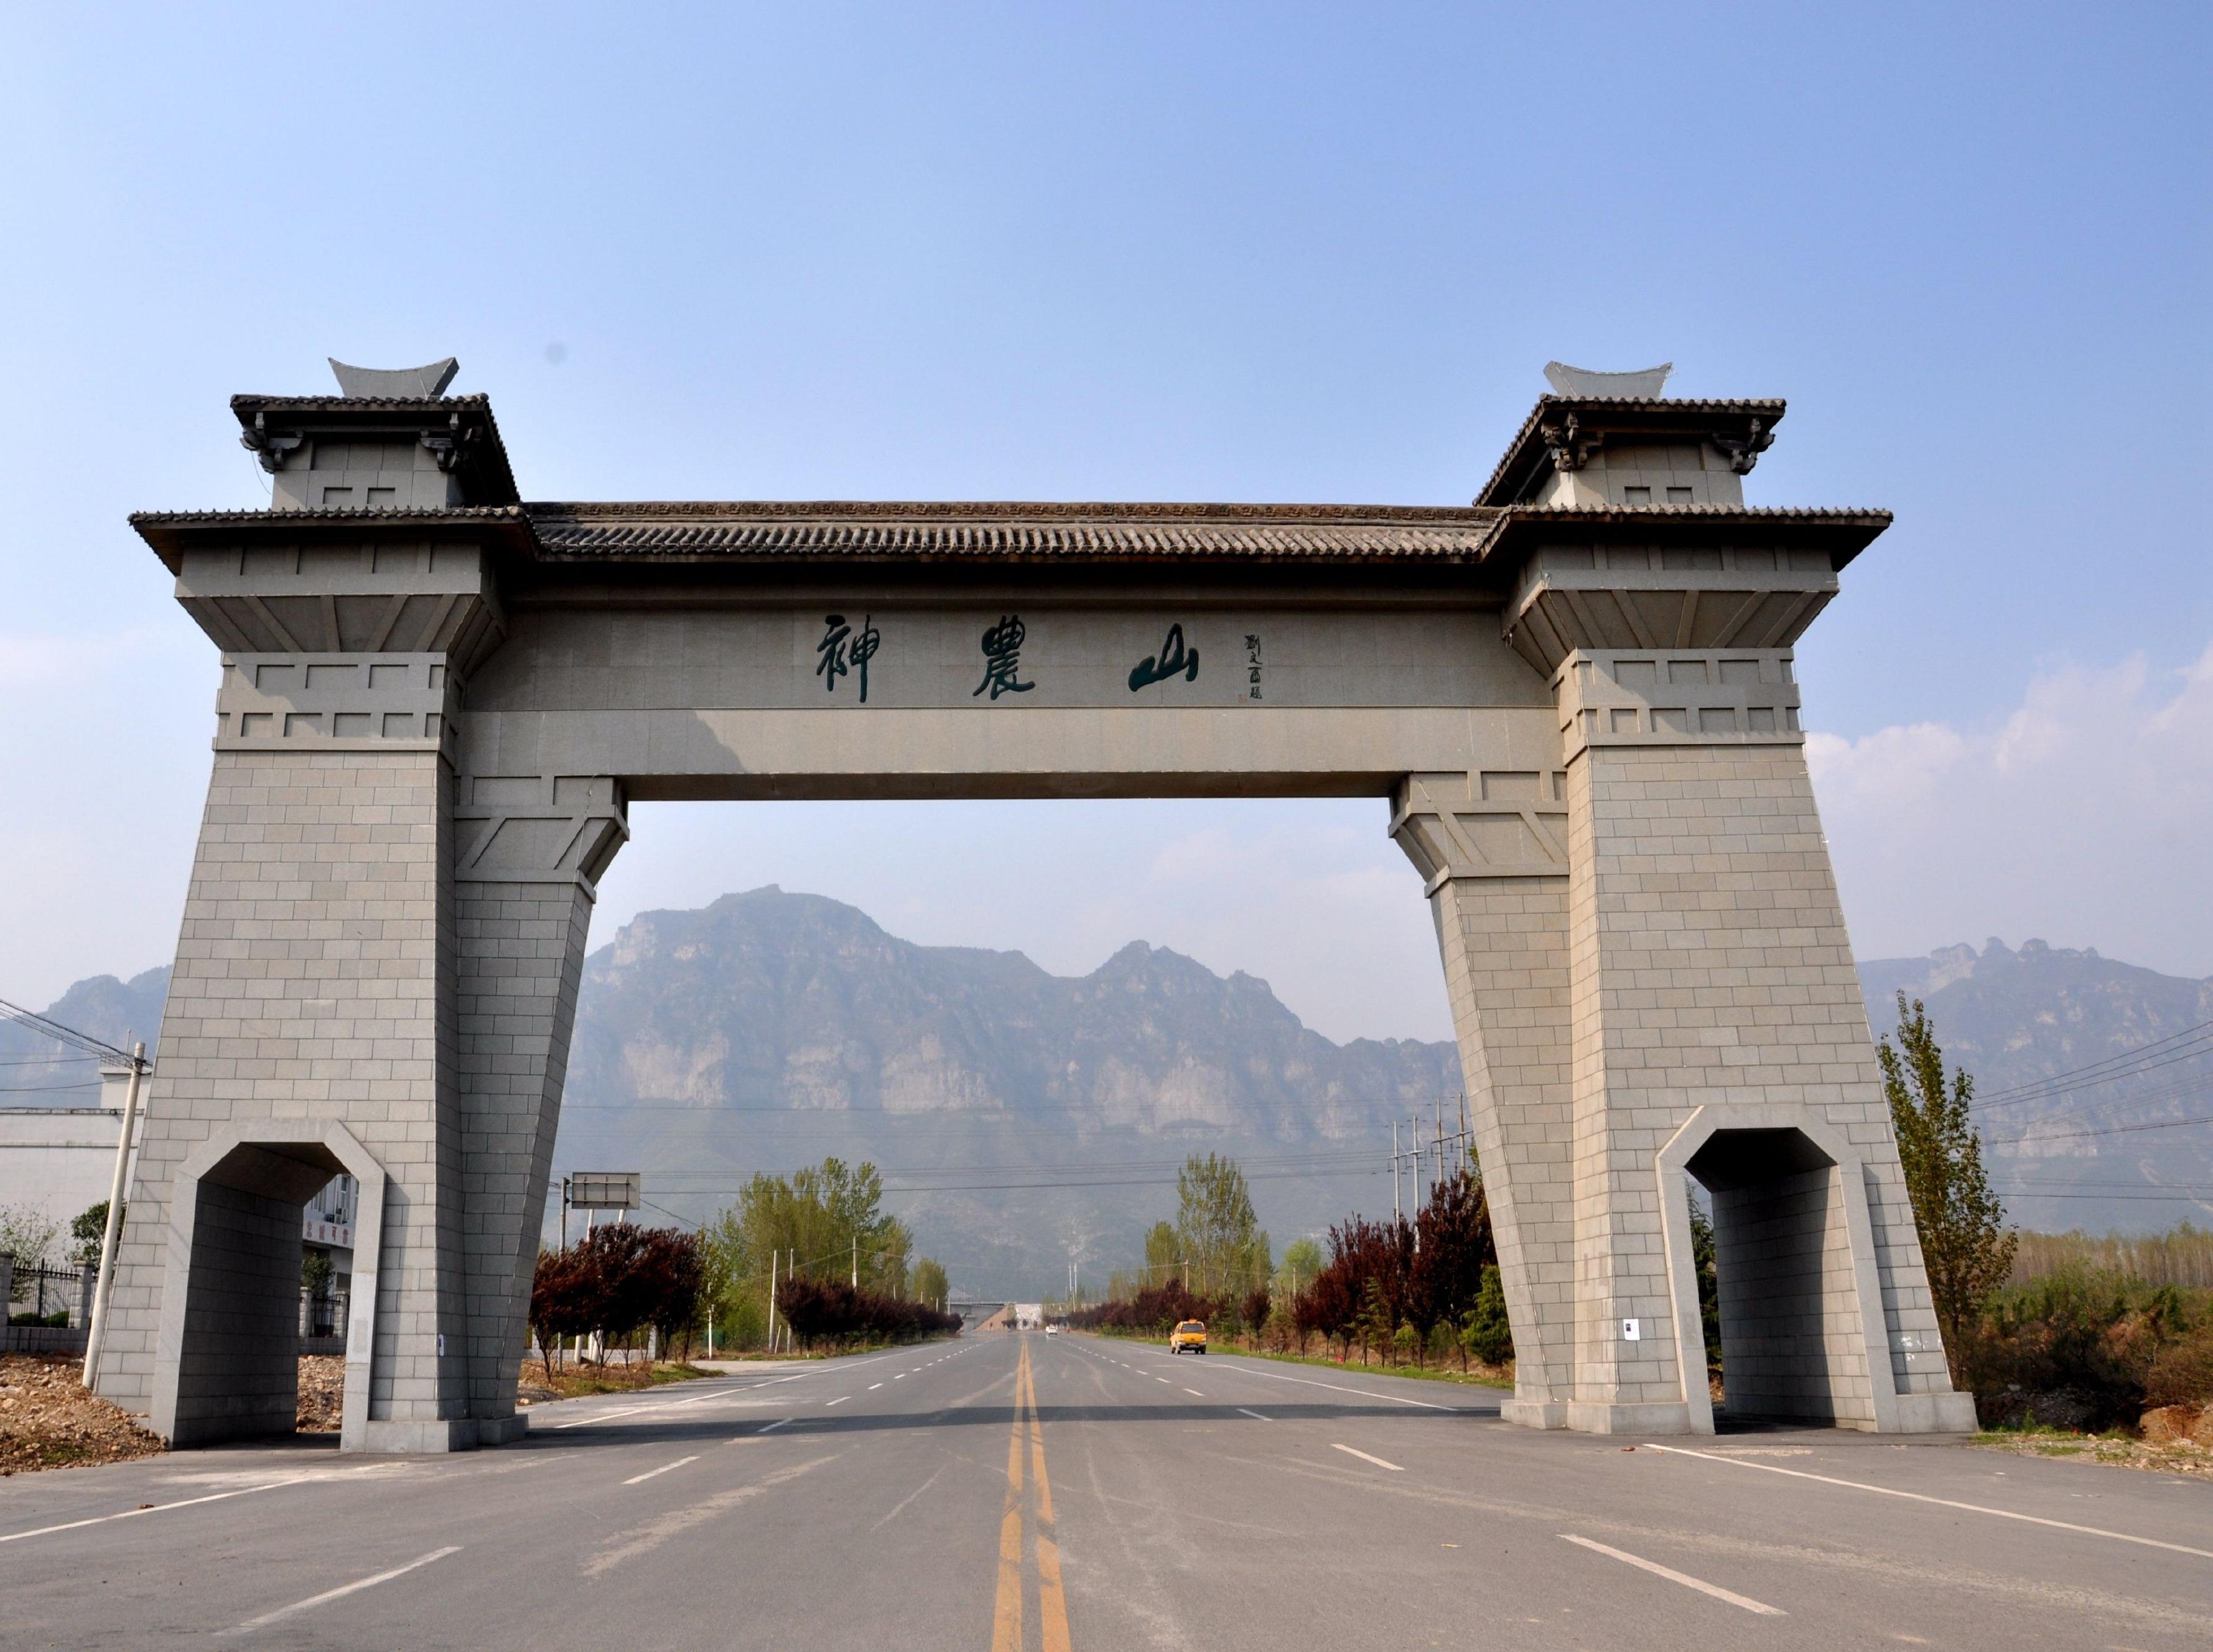 11月23号礼拜6. 沁阳野线穿越神农山